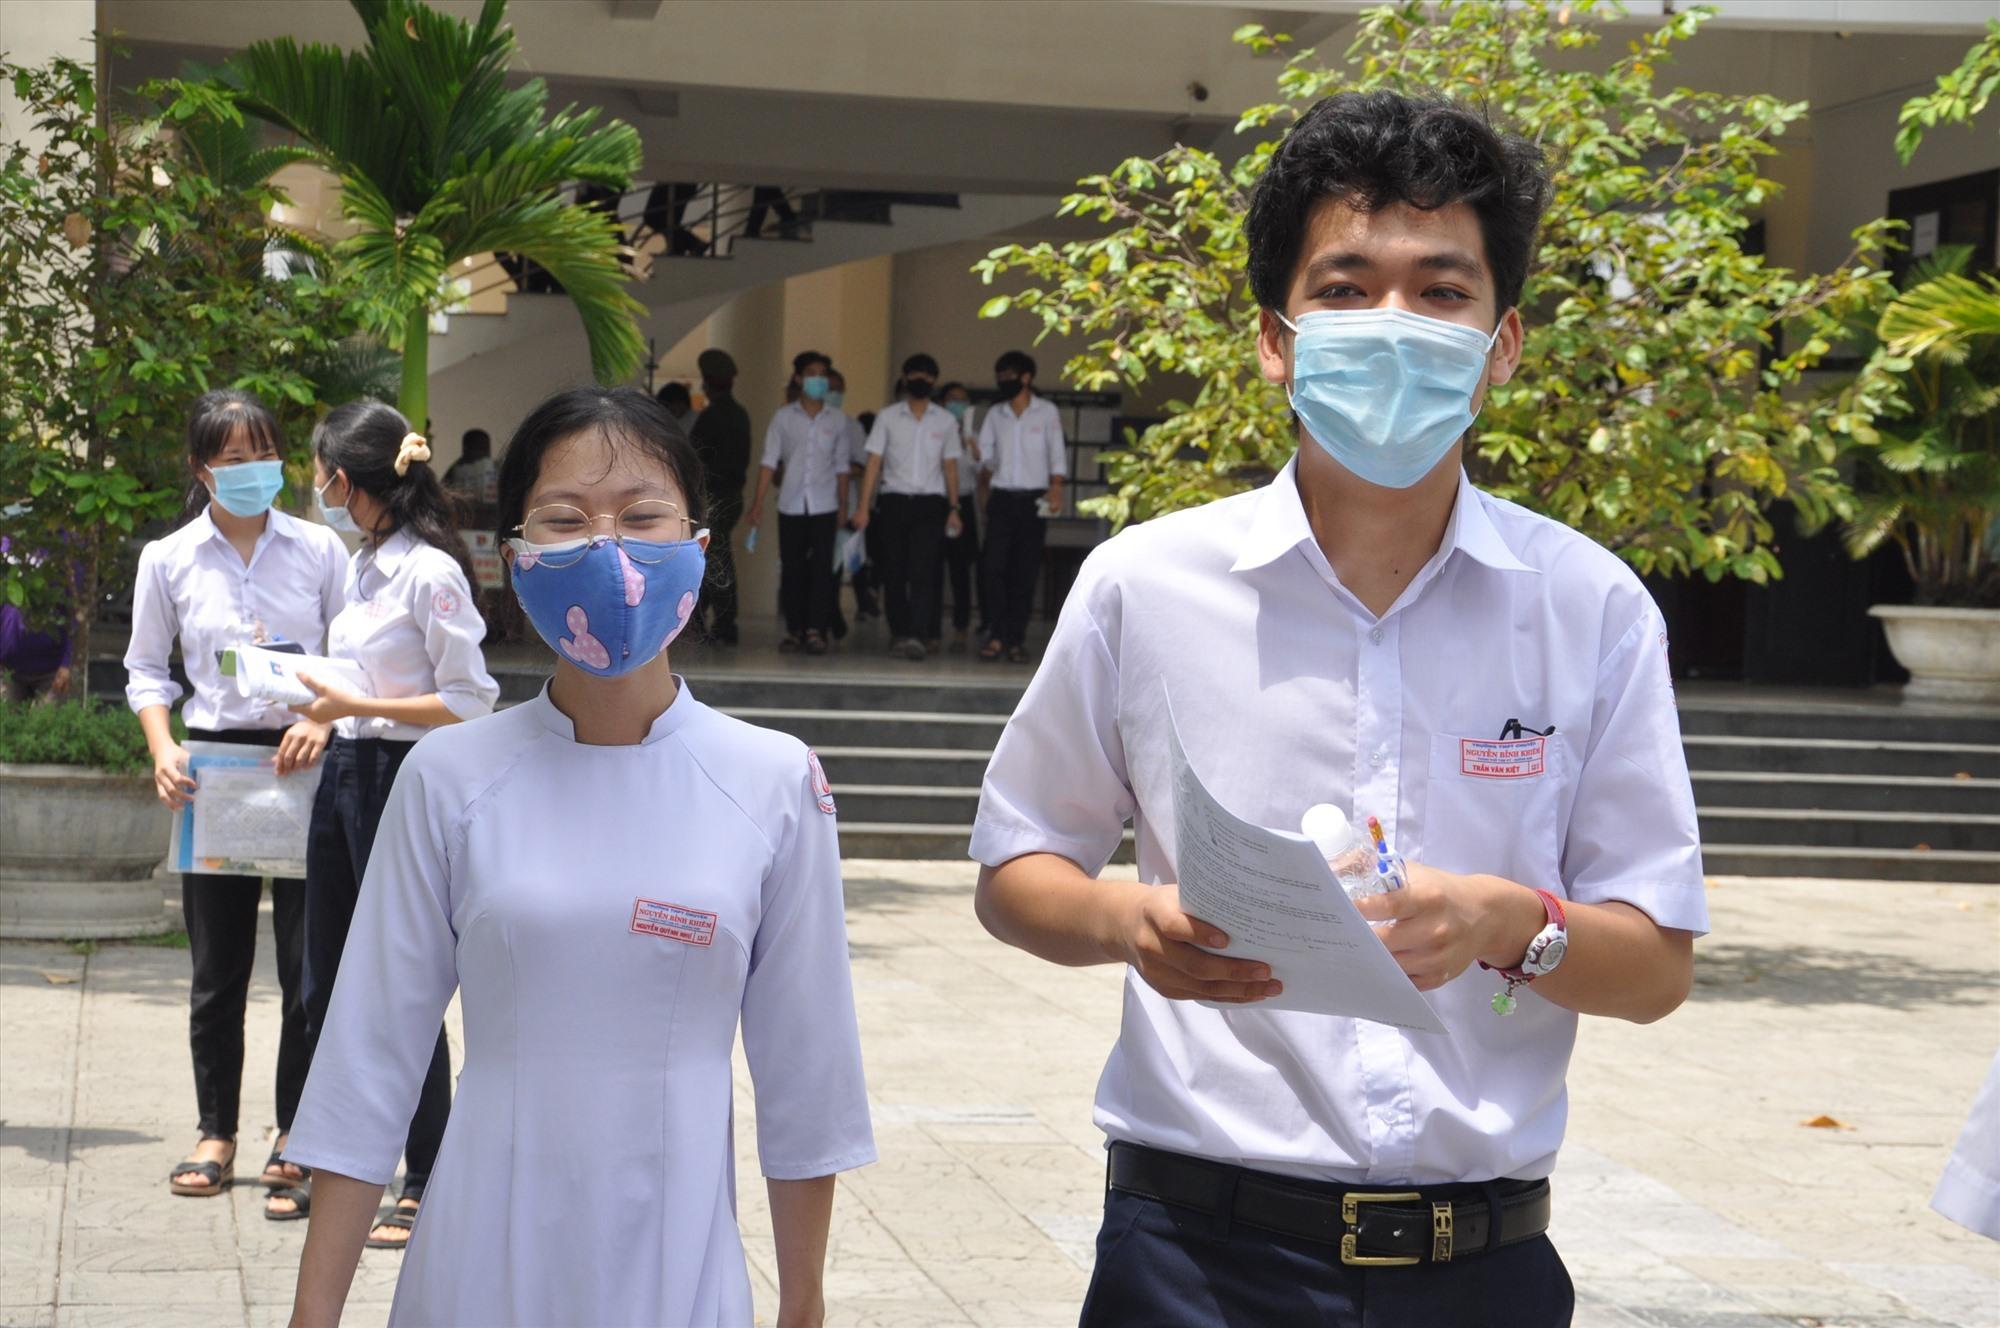 Niềm vui sau khi kết thúc kỳ thi của TS điểm thi Trường THPt chuyên Nguyễn Bỉnh Khiêm. Ảnh: X.P